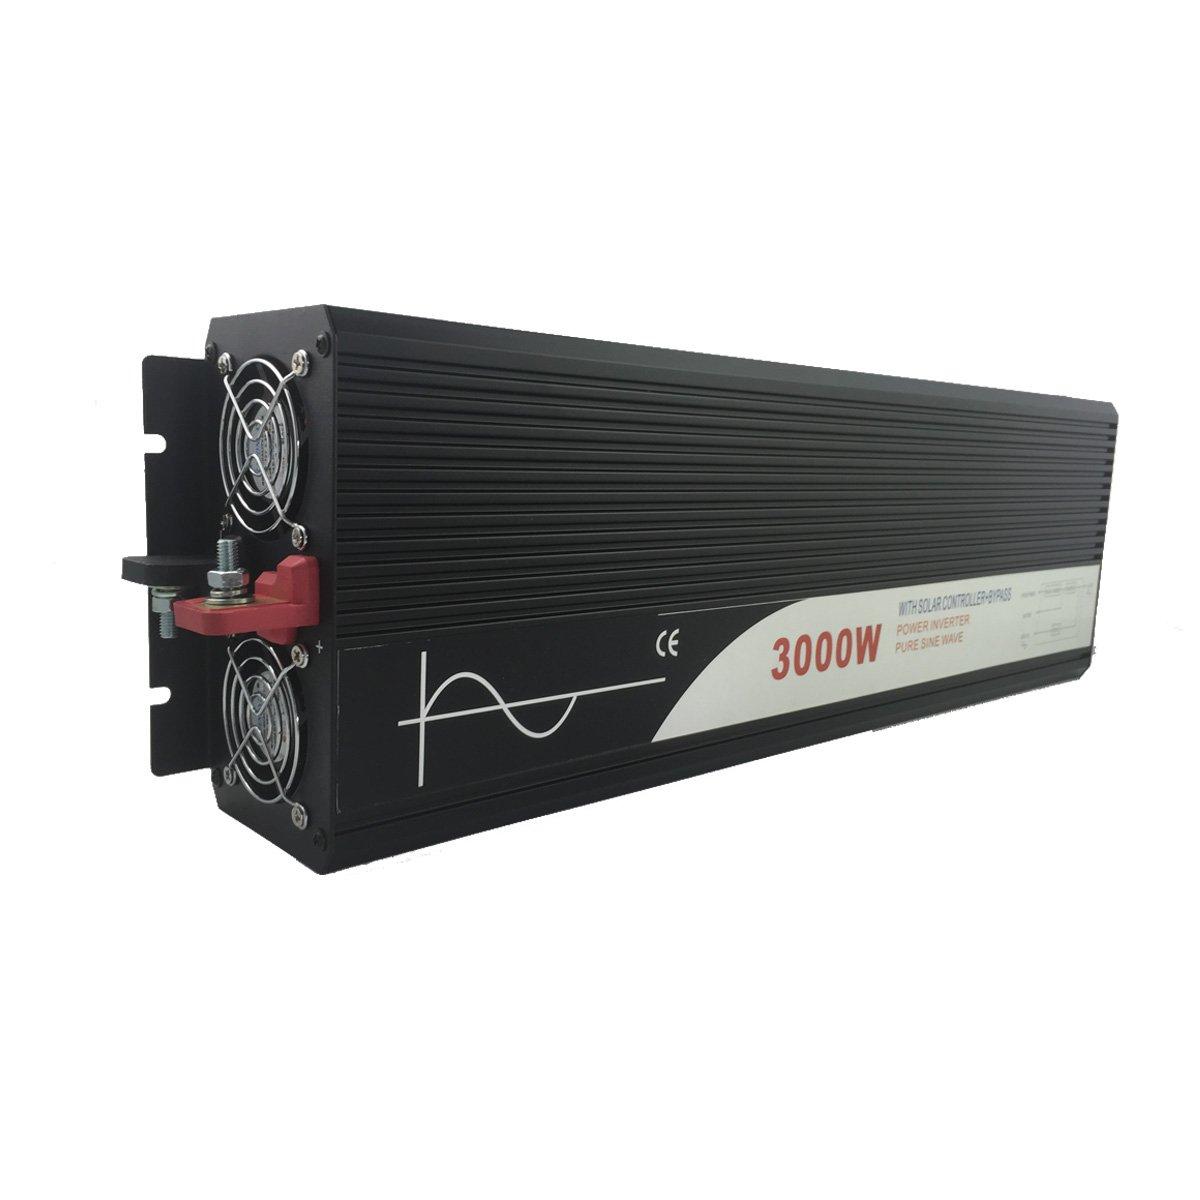 Xijia3000W (Peak 6000W) solar inverter PWM with bypassDC 12V 24V 48V to AC 120V 60HZ Solar converter For Home Use car (DC 24V to AC 120V)